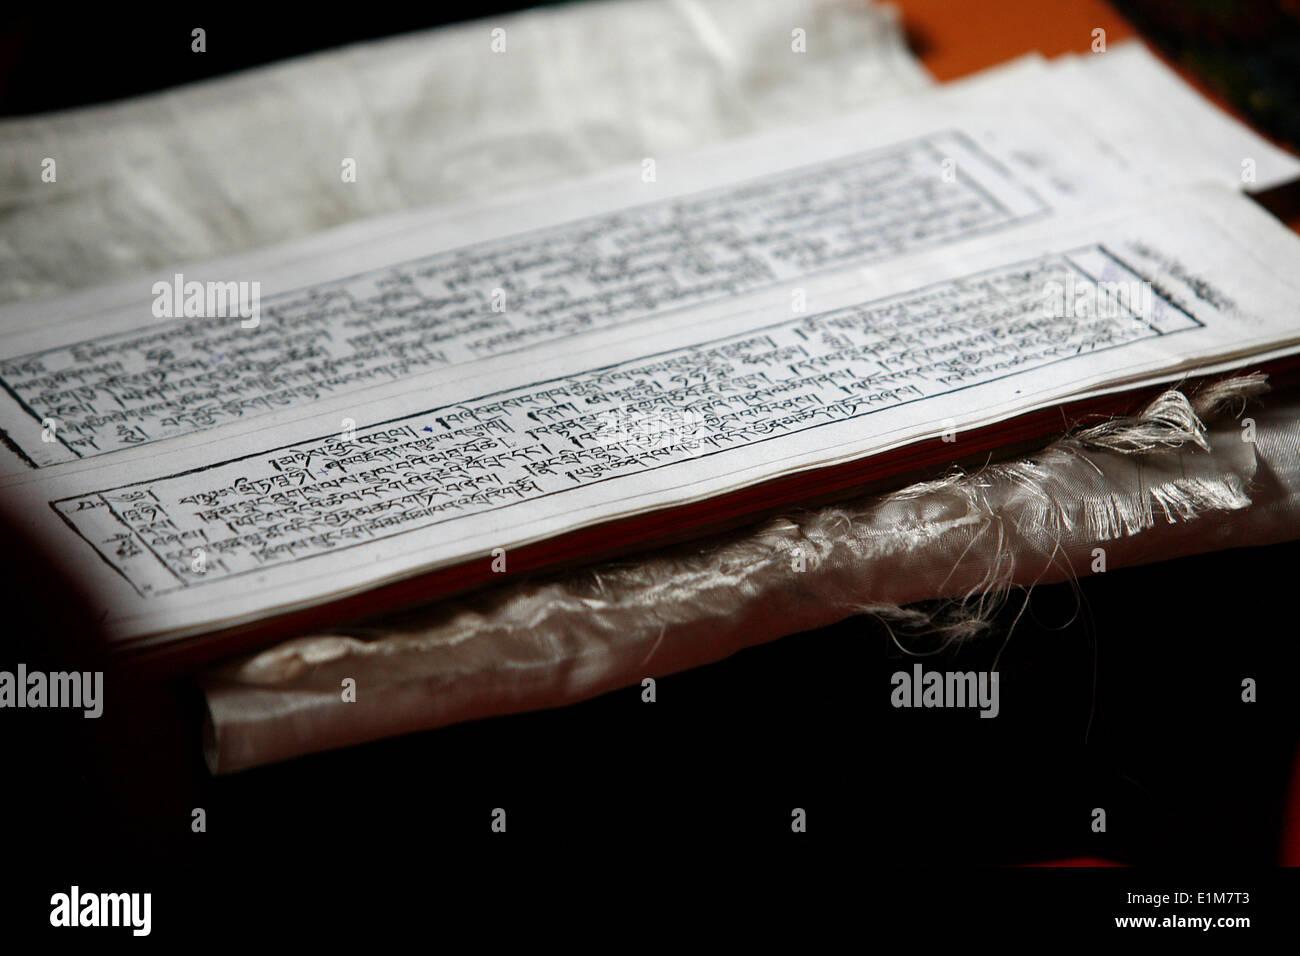 Tibetan scripture tablets - Stock Image